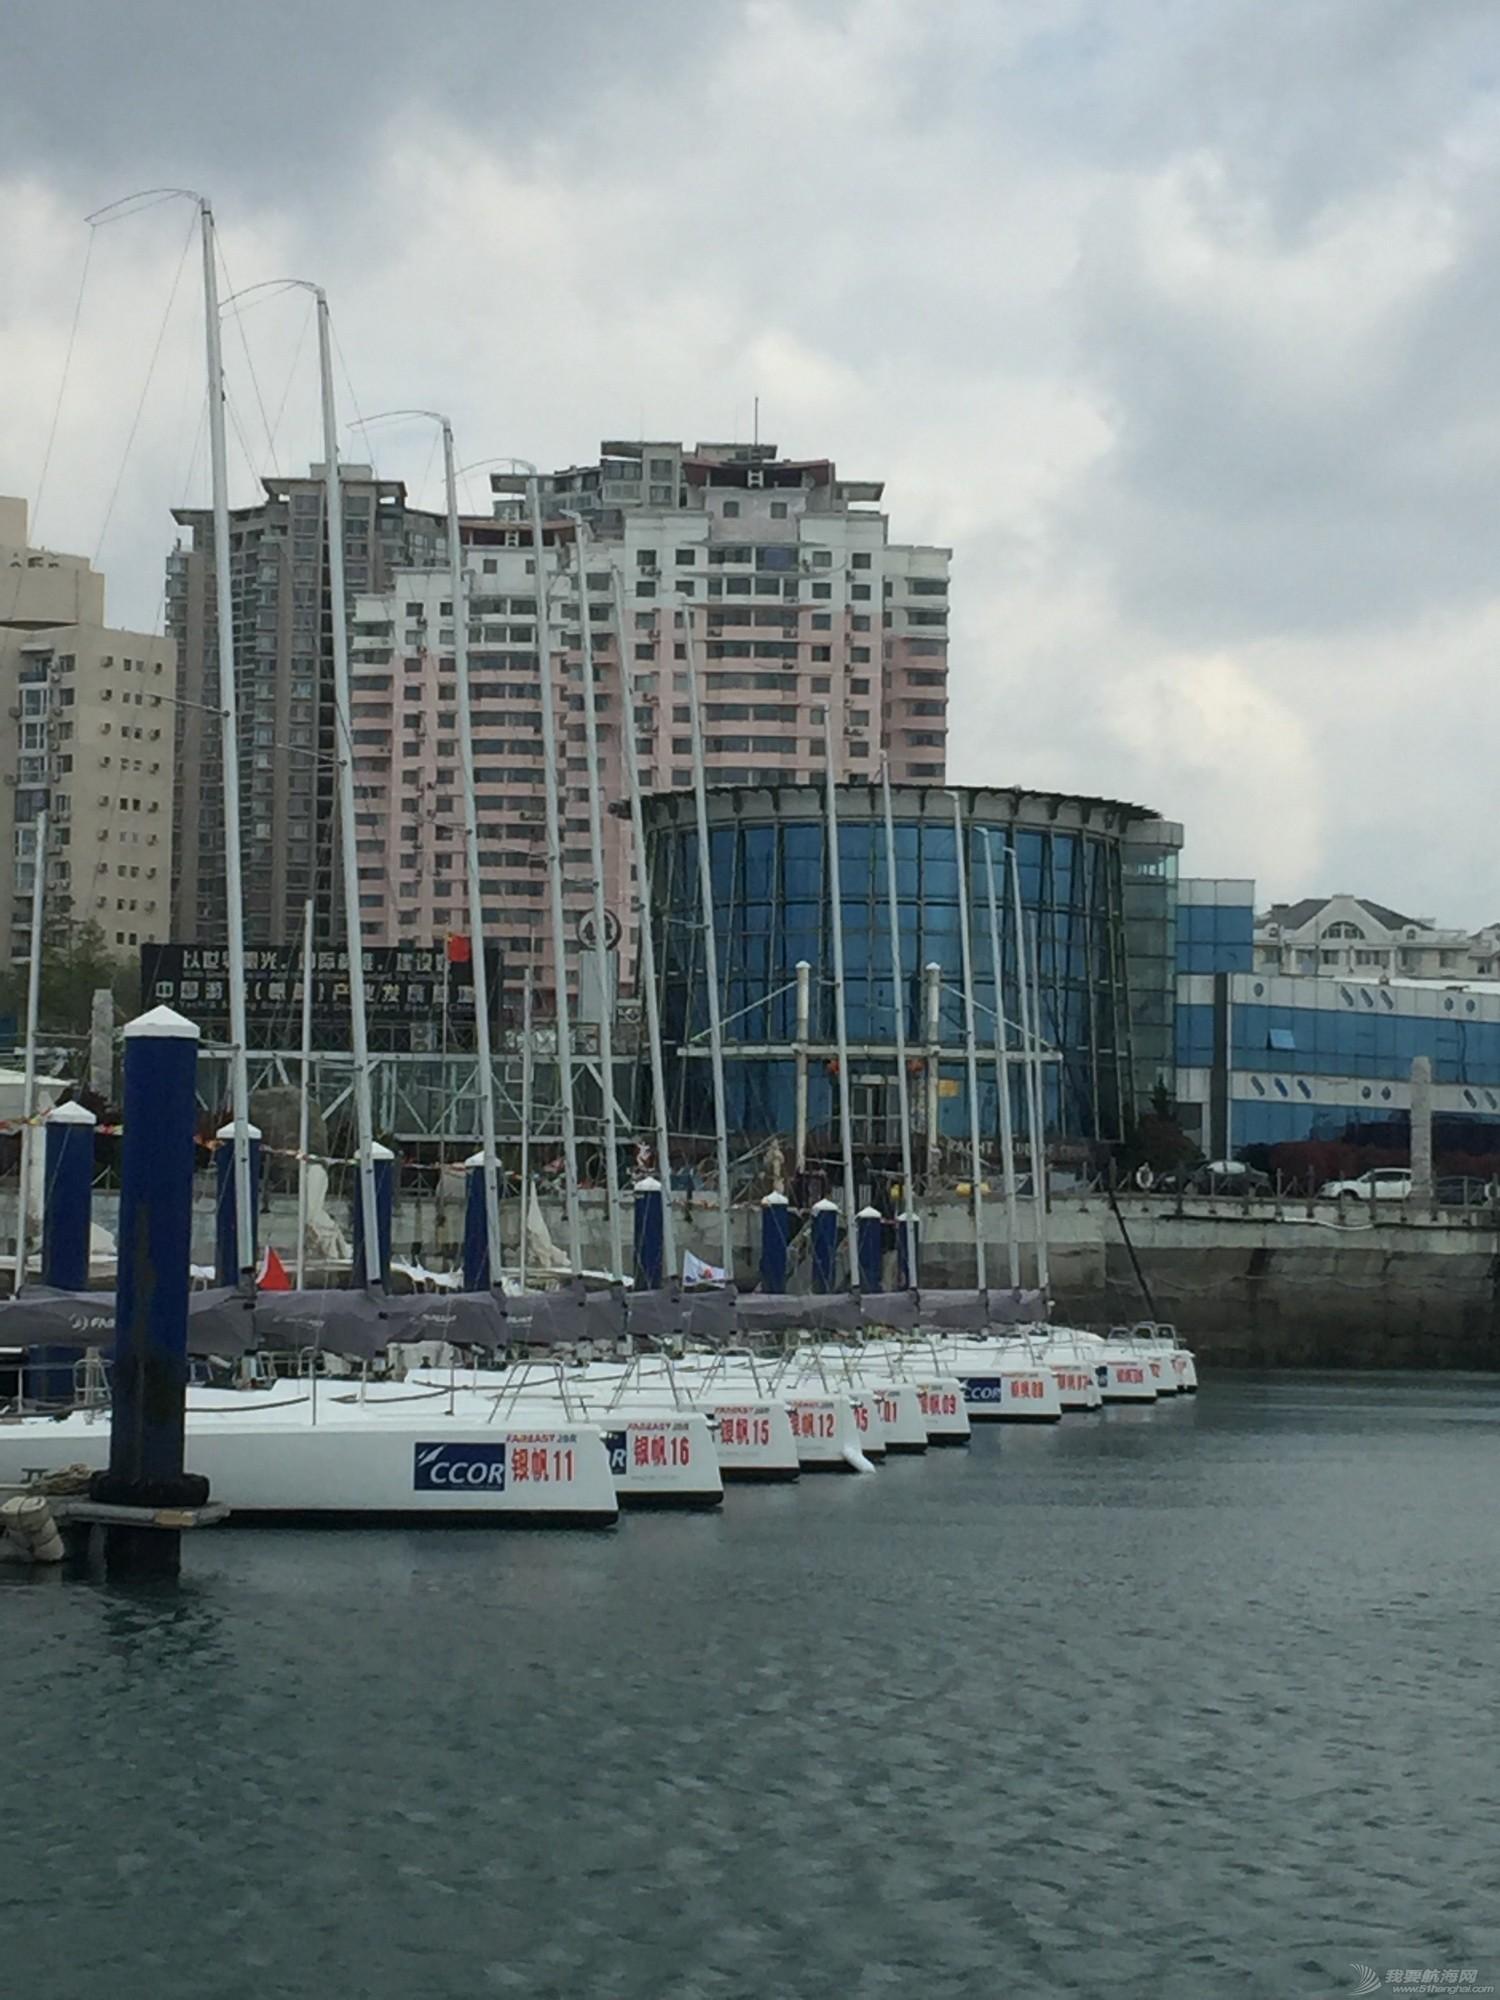 航海,中国,俱乐部,码头,首诗 沉舟侧畔千帆过,病树前头万木春----忆千航之行